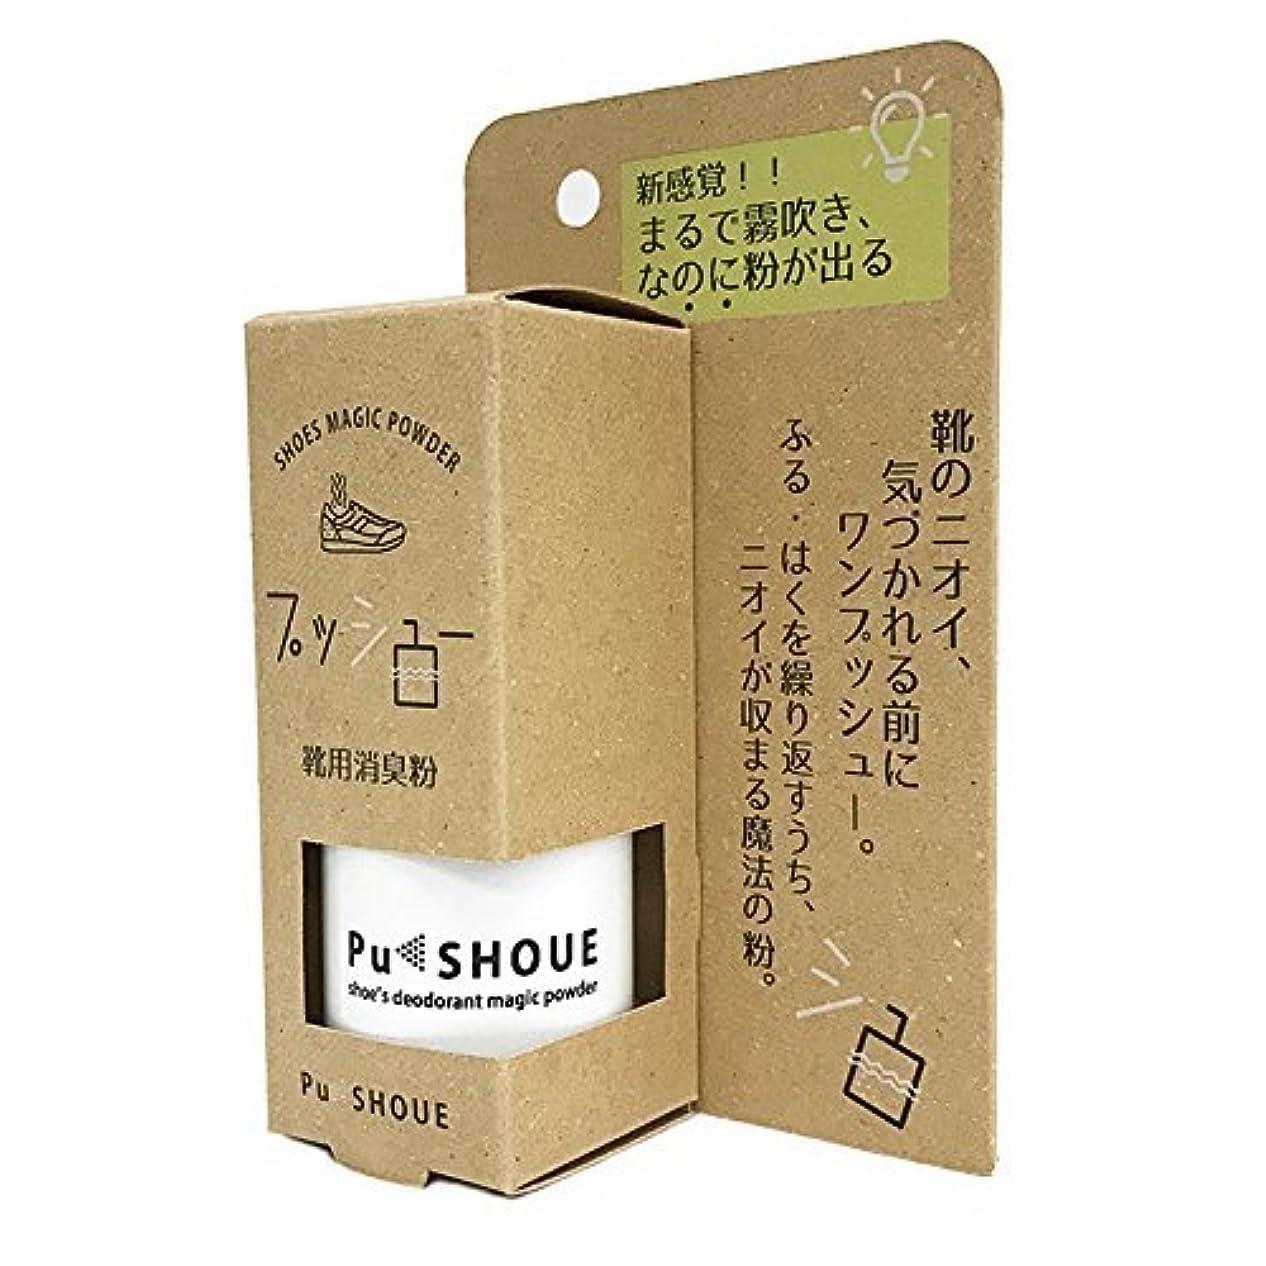 ふくろう容器優れましたPu SHOUE プッシュー 無香料【スプレータイプで持ち運びOK 靴用消臭粉 1100回分】